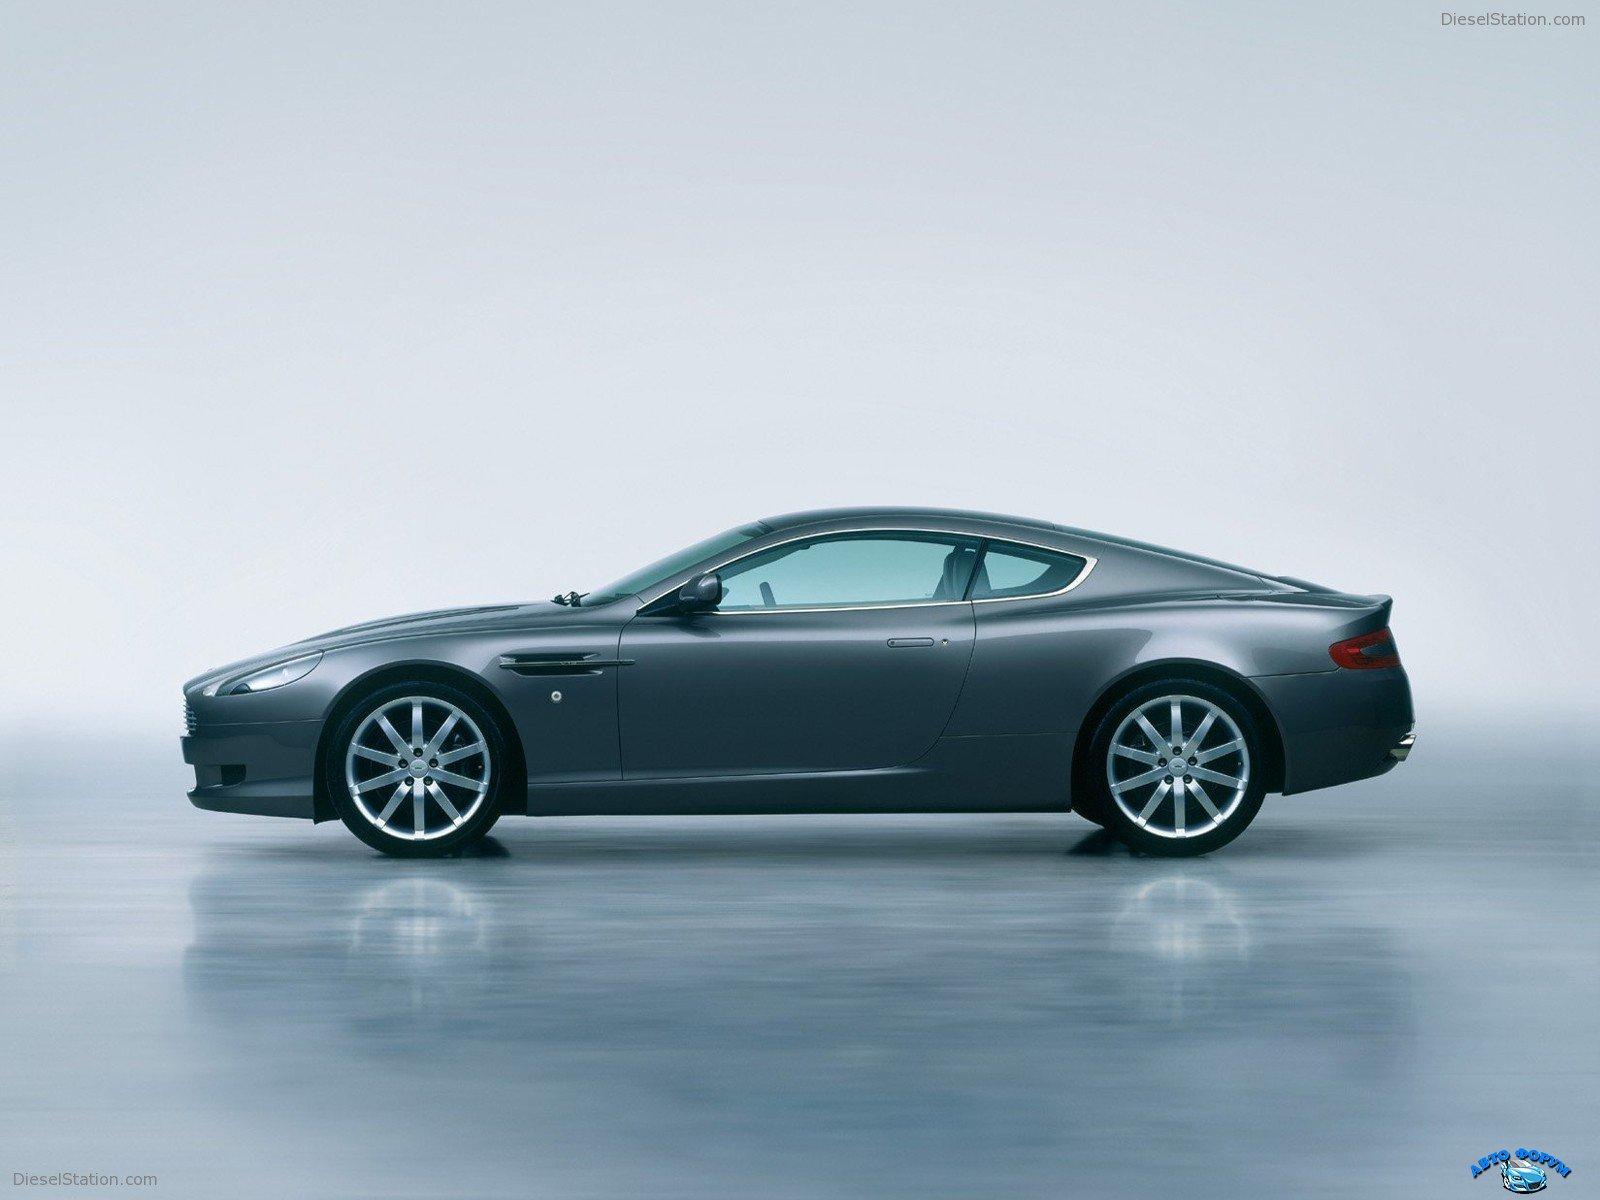 Aston-Martin-DB9-010.jpg